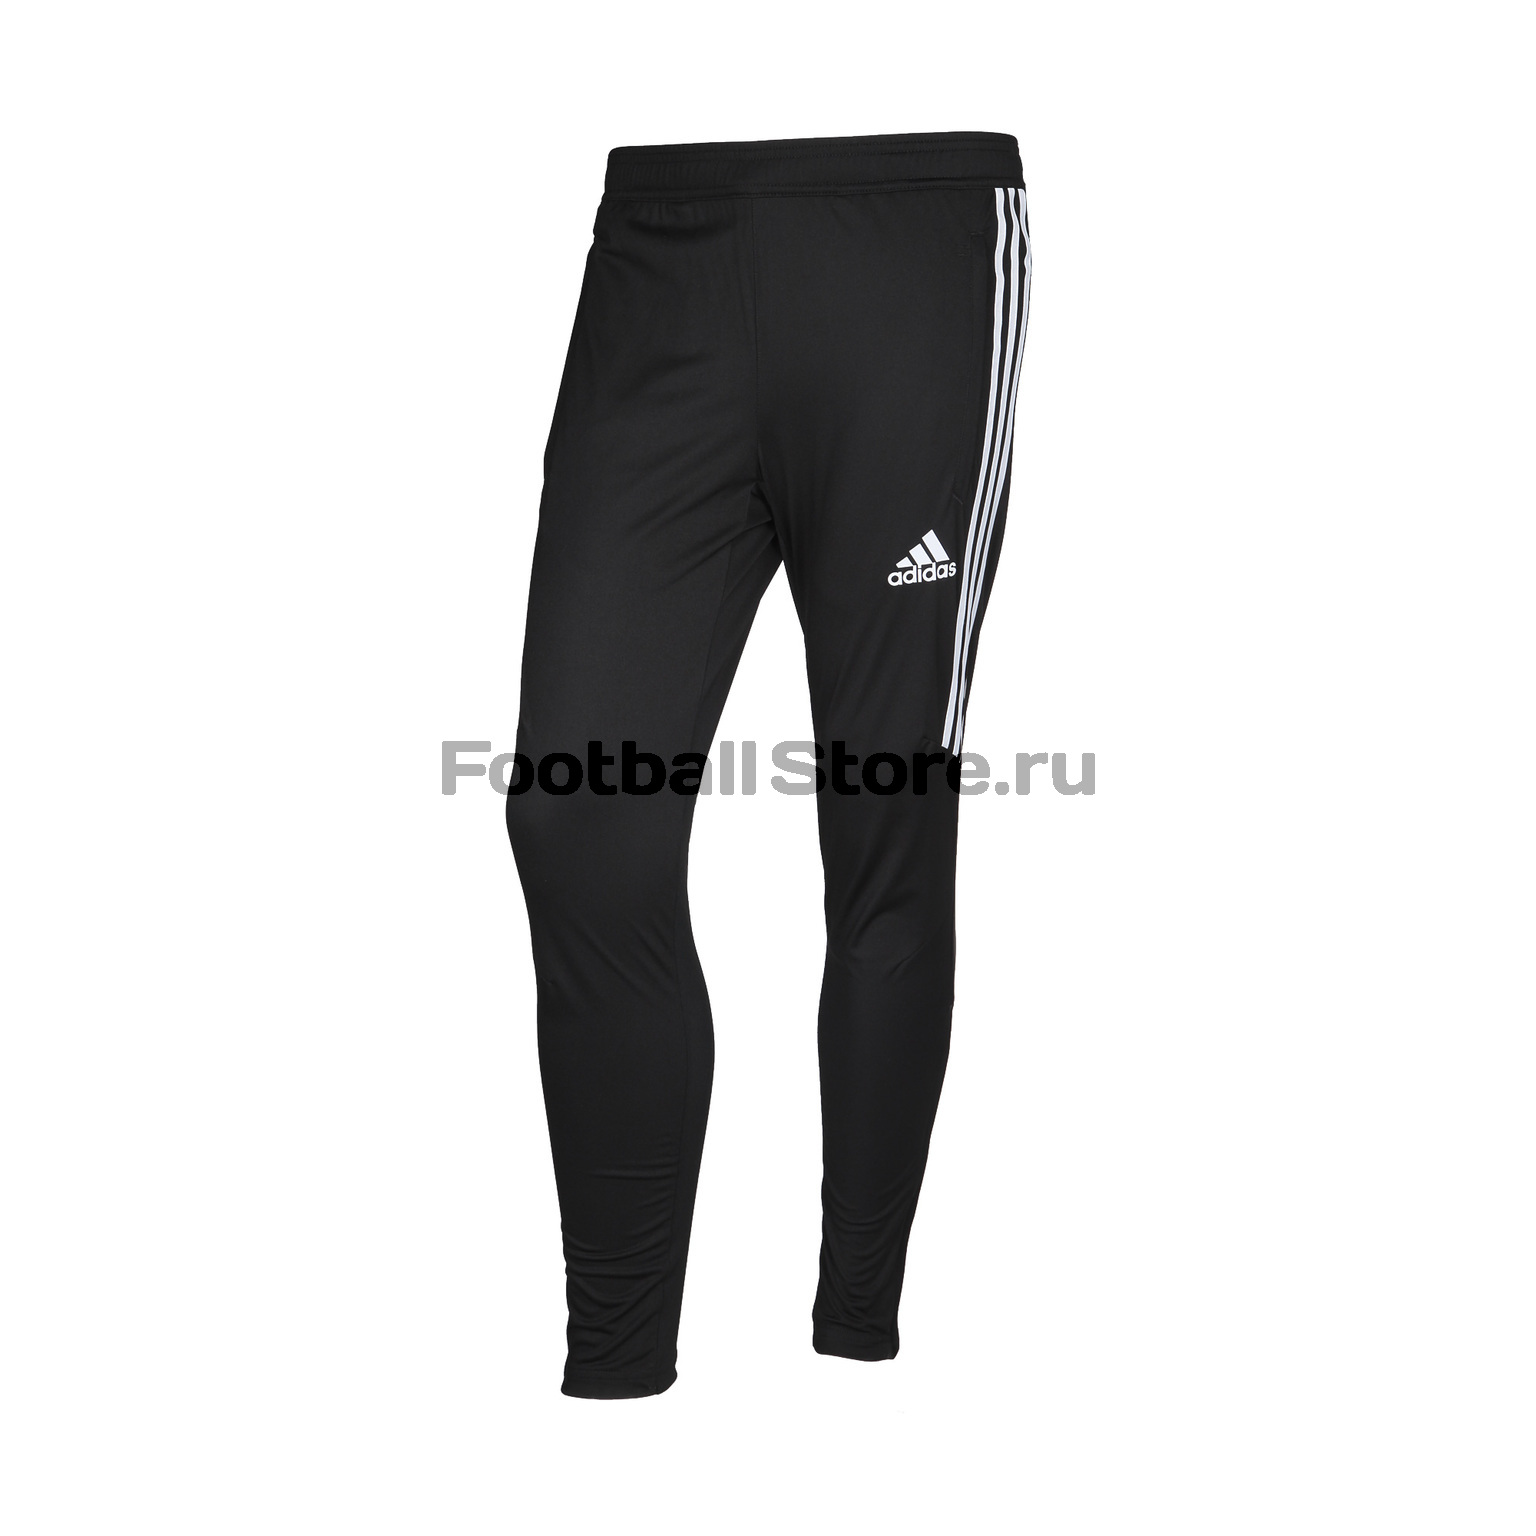 Брюки Adidas Брюки тренировочные Adidas Tiro17 TR Pant AZ9758 брюки спортивные adidas performance adidas performance ad094ewuof95